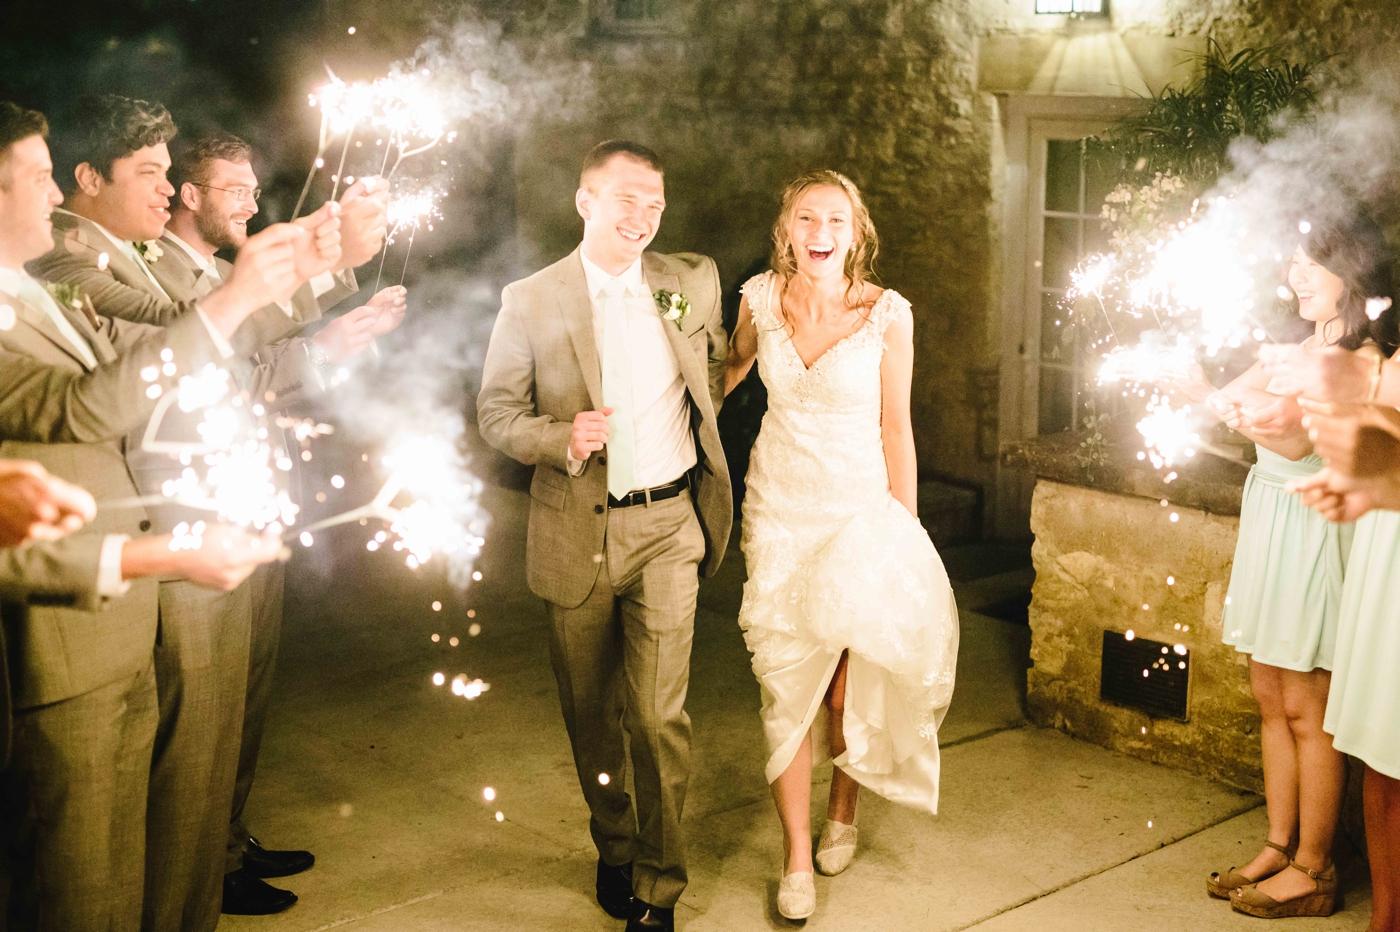 chicago-fine-art-wedding-photography-stewart42